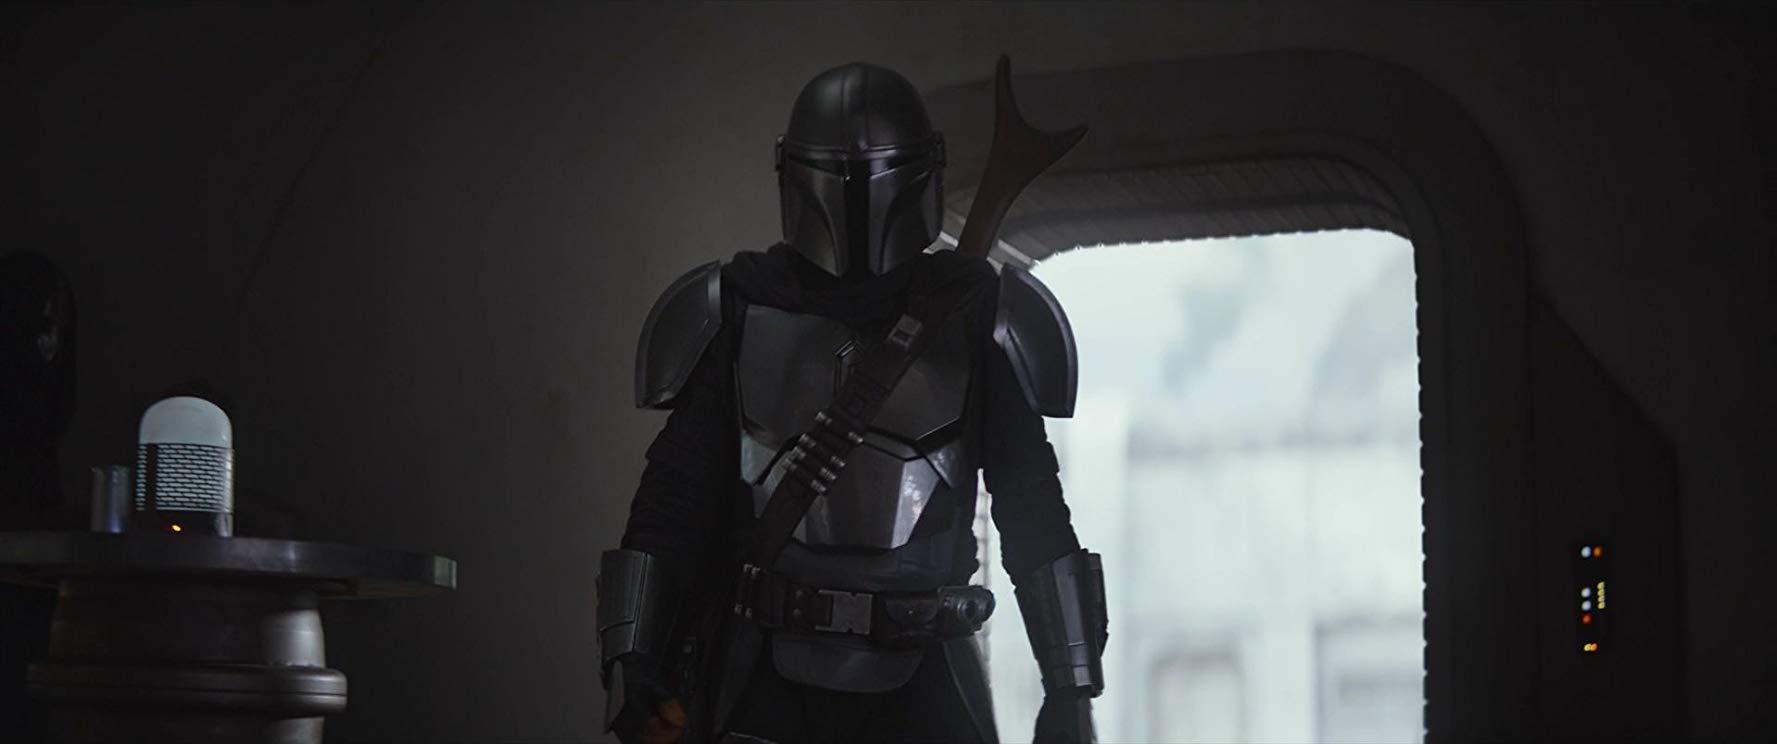 Estreia de novo filme de Star Wars antecipa 7º episódio de The Mandalorian